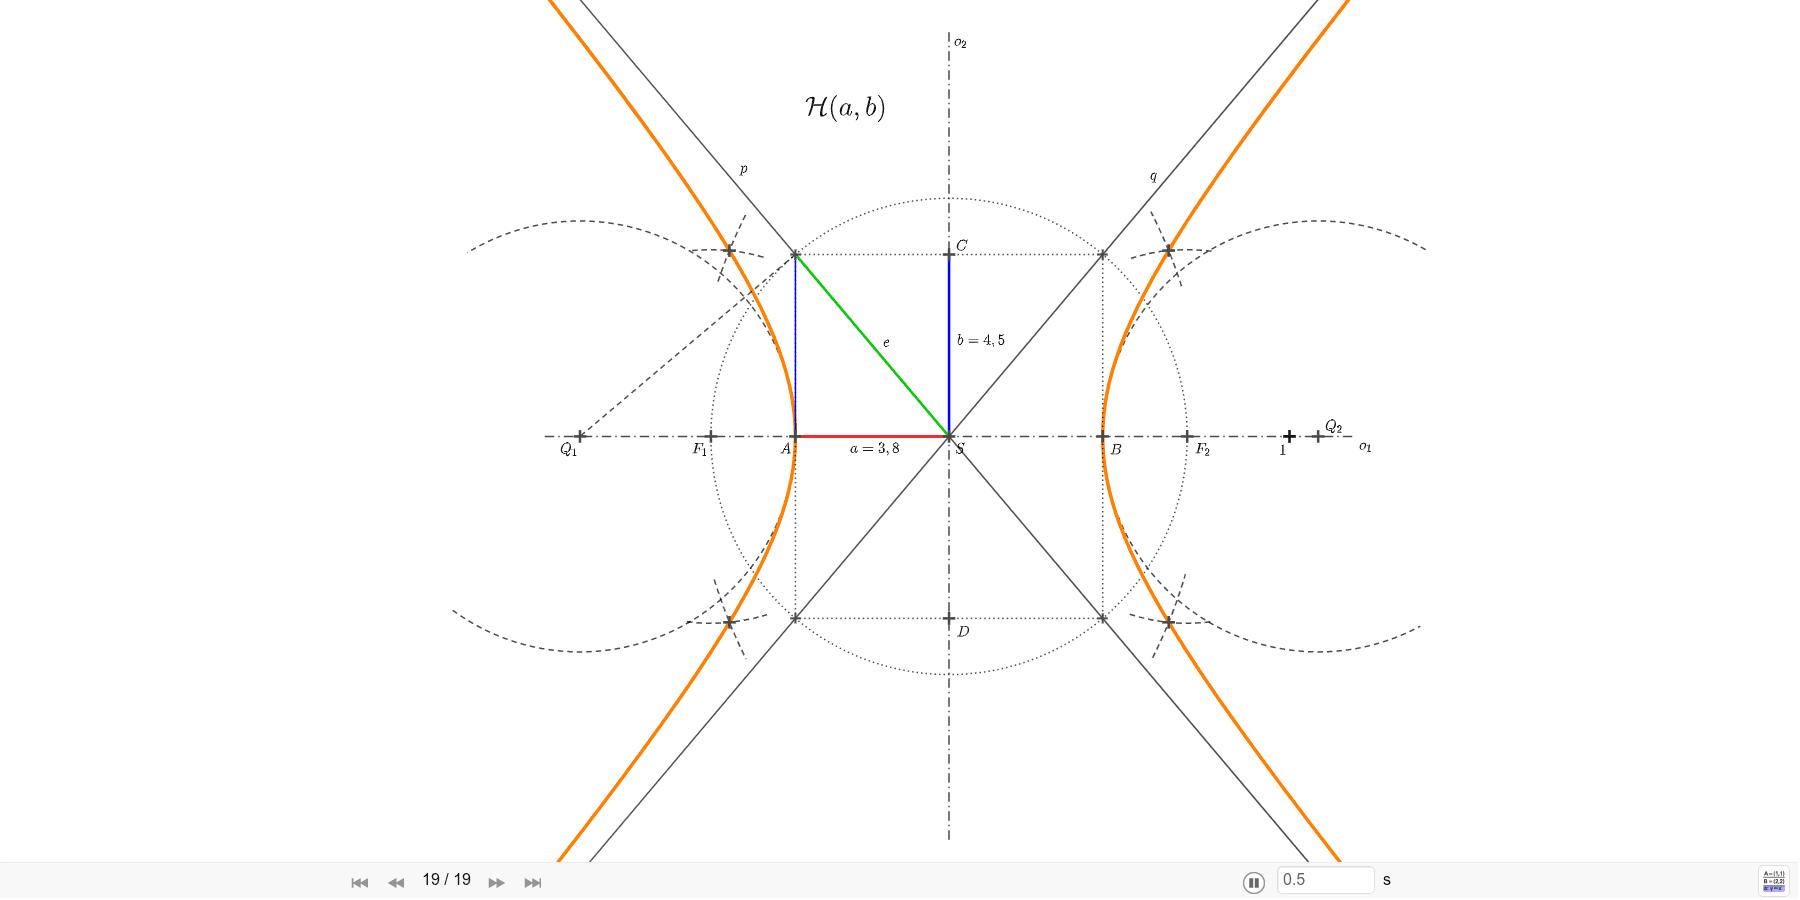 Sestrojte hyperbolu danou délkou hlavní poloosy a=3,8 a délkou vedlejší poloosy b=4,5. Zahajte aktivitu stisknutím klávesy Enter